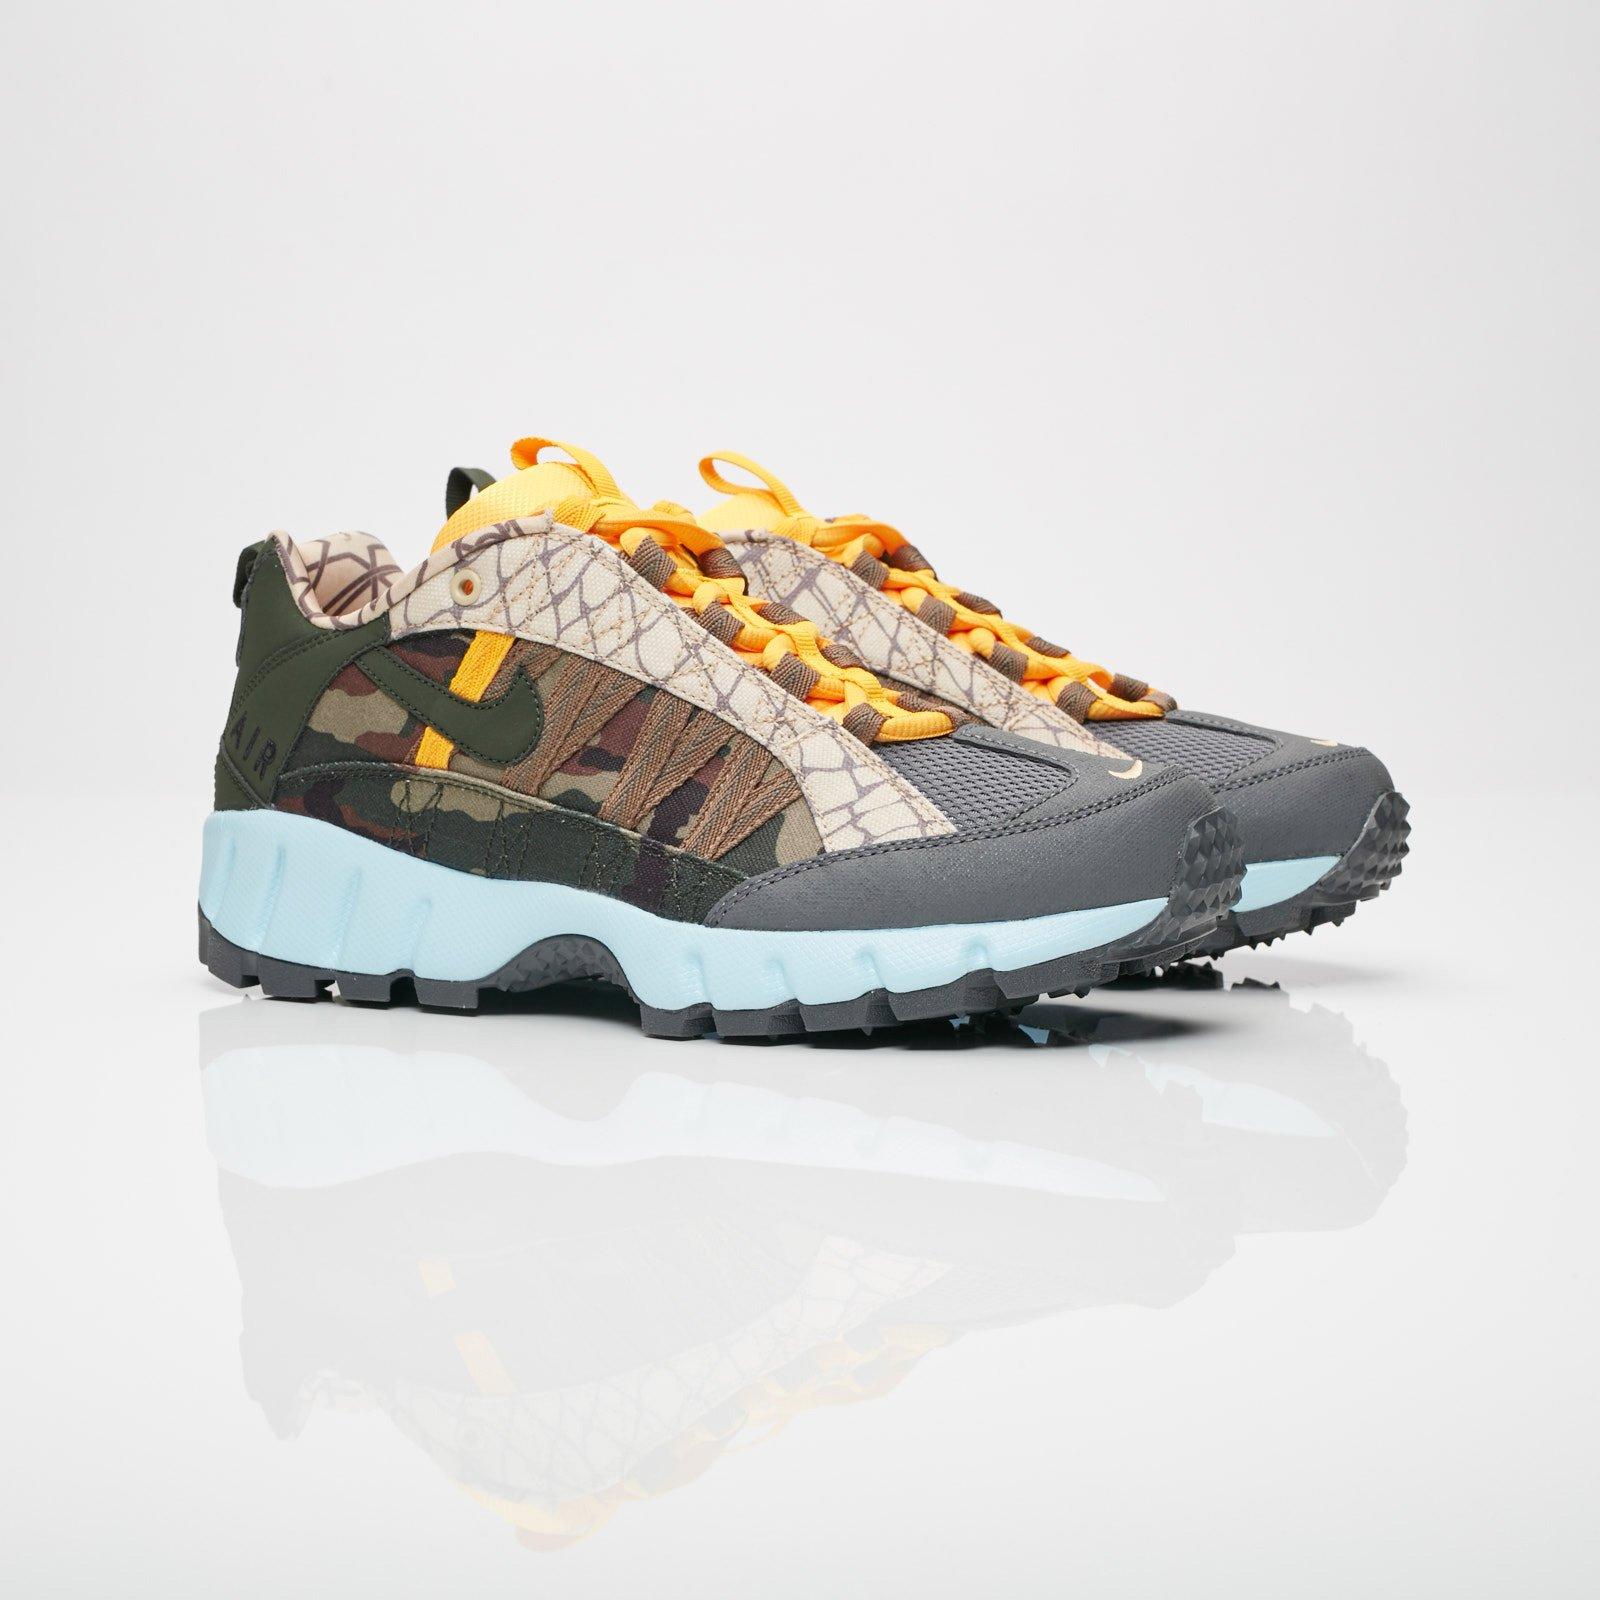 online store 59019 90b1a Nike Sportswear Air Humara 17 Premium